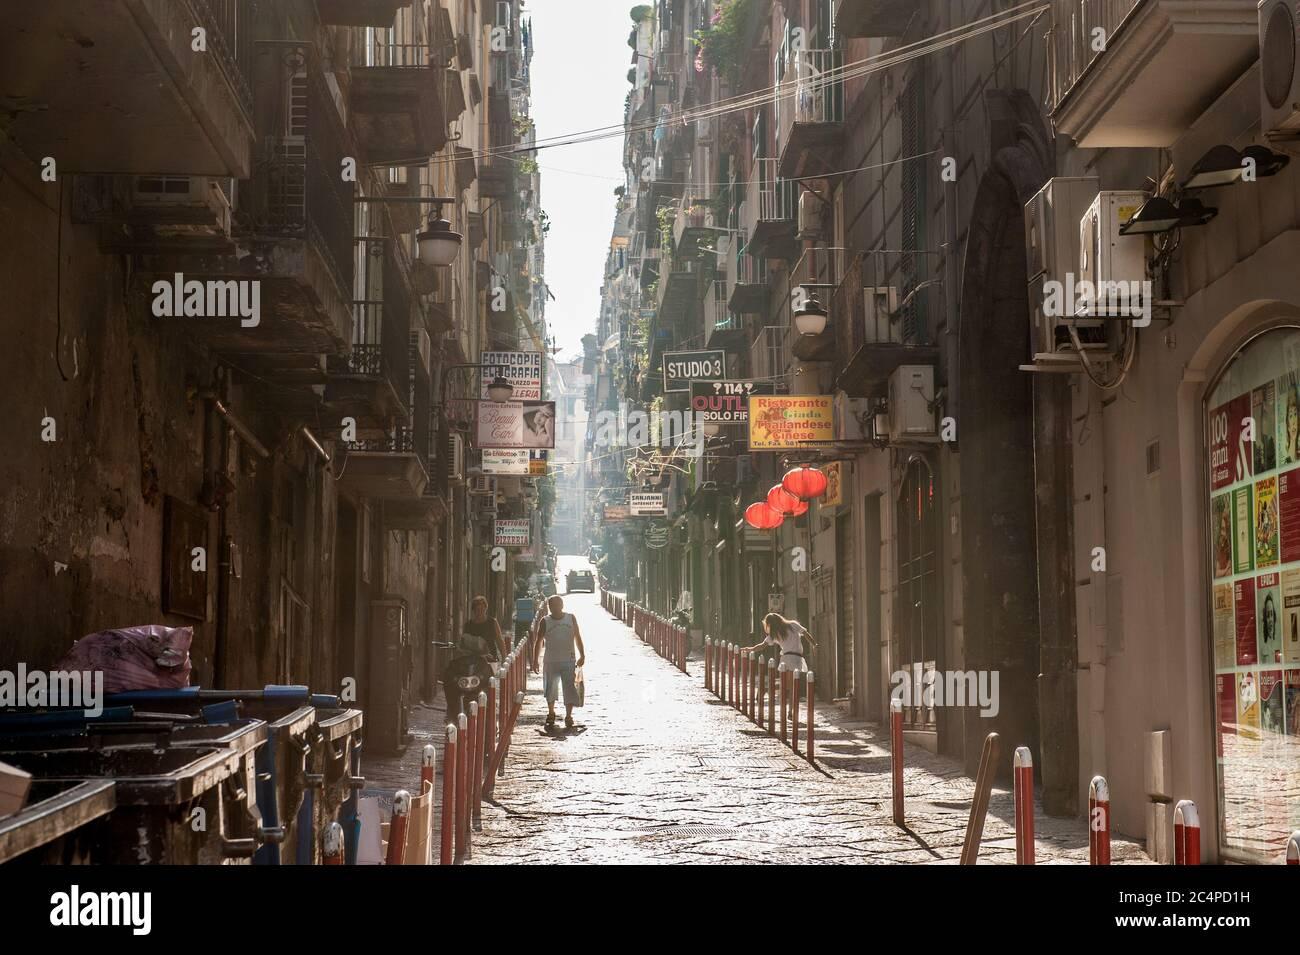 Vicolo nel centro di Napoli, Italia. Questa zona appartiene a un sito patrimonio dell'umanità dell'UNESCO come parte del centro storico di Napoli. Foto Stock